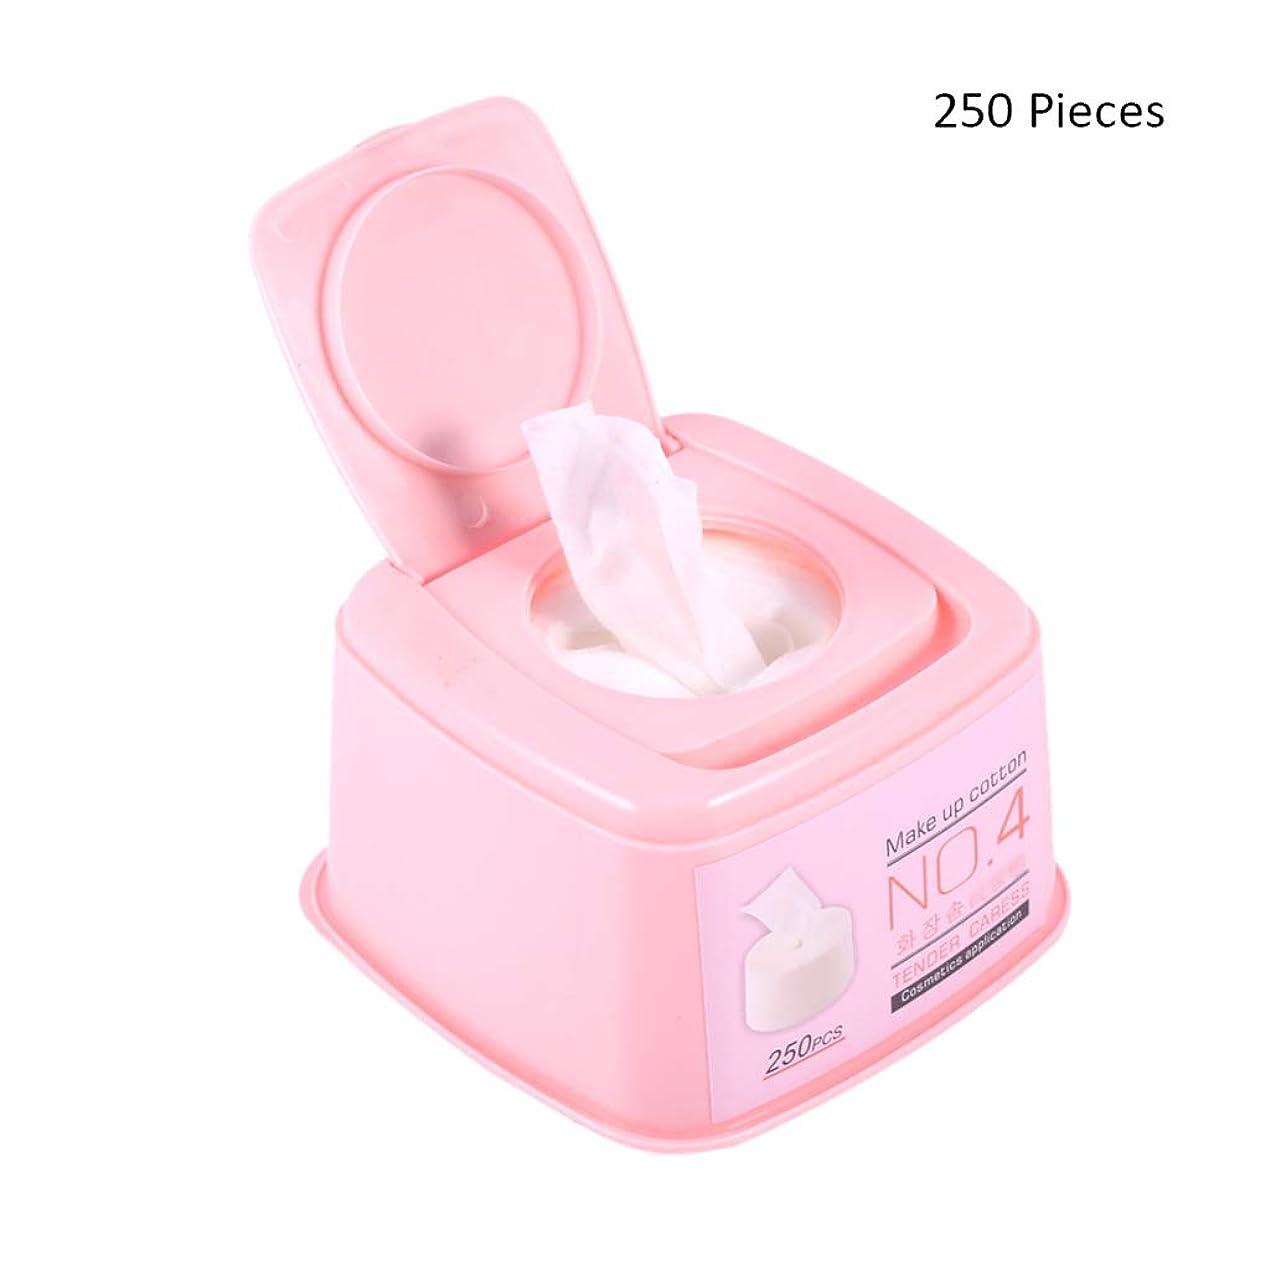 ダーベビルのテス取り囲む伝える化粧パッド 250ピース/ボックスフェイスメイクアップリムーバー化粧品フェイシャルアイクレンジングコットンパッド女性ソフトシート化粧引き出しコットンパッド メイク落とし化粧パッド (Color : Pink, サイズ : 11.5*11.5*7cm)